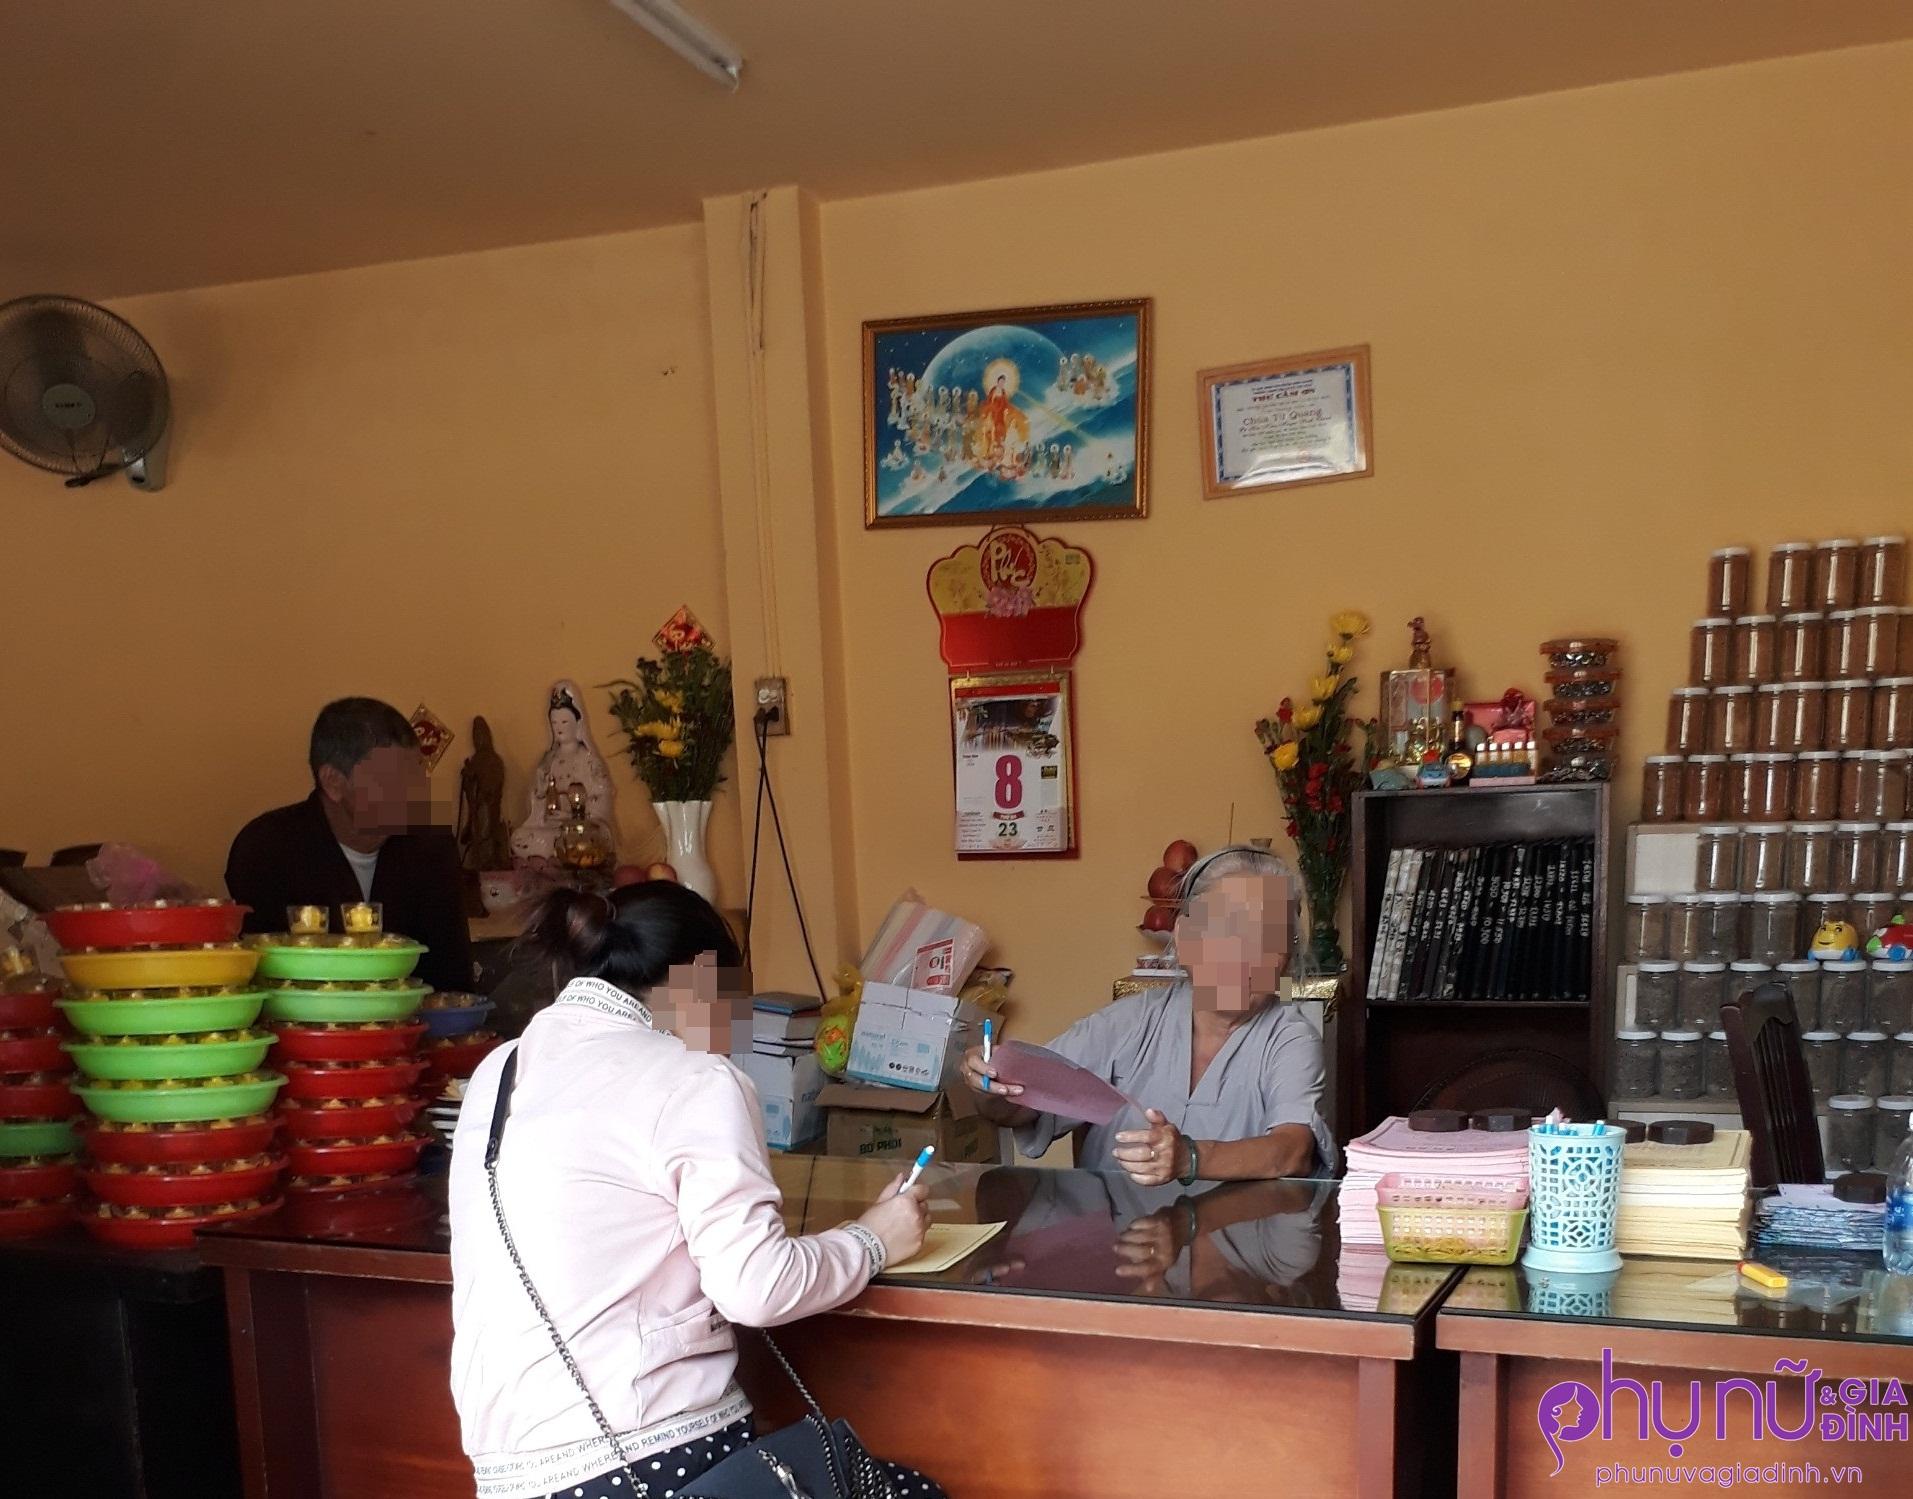 Có một ngôi chùa ở ngoại thành Sài Gòn nơi yên nghỉ của các hương linh thai nhi tứ xứ - Ảnh 5